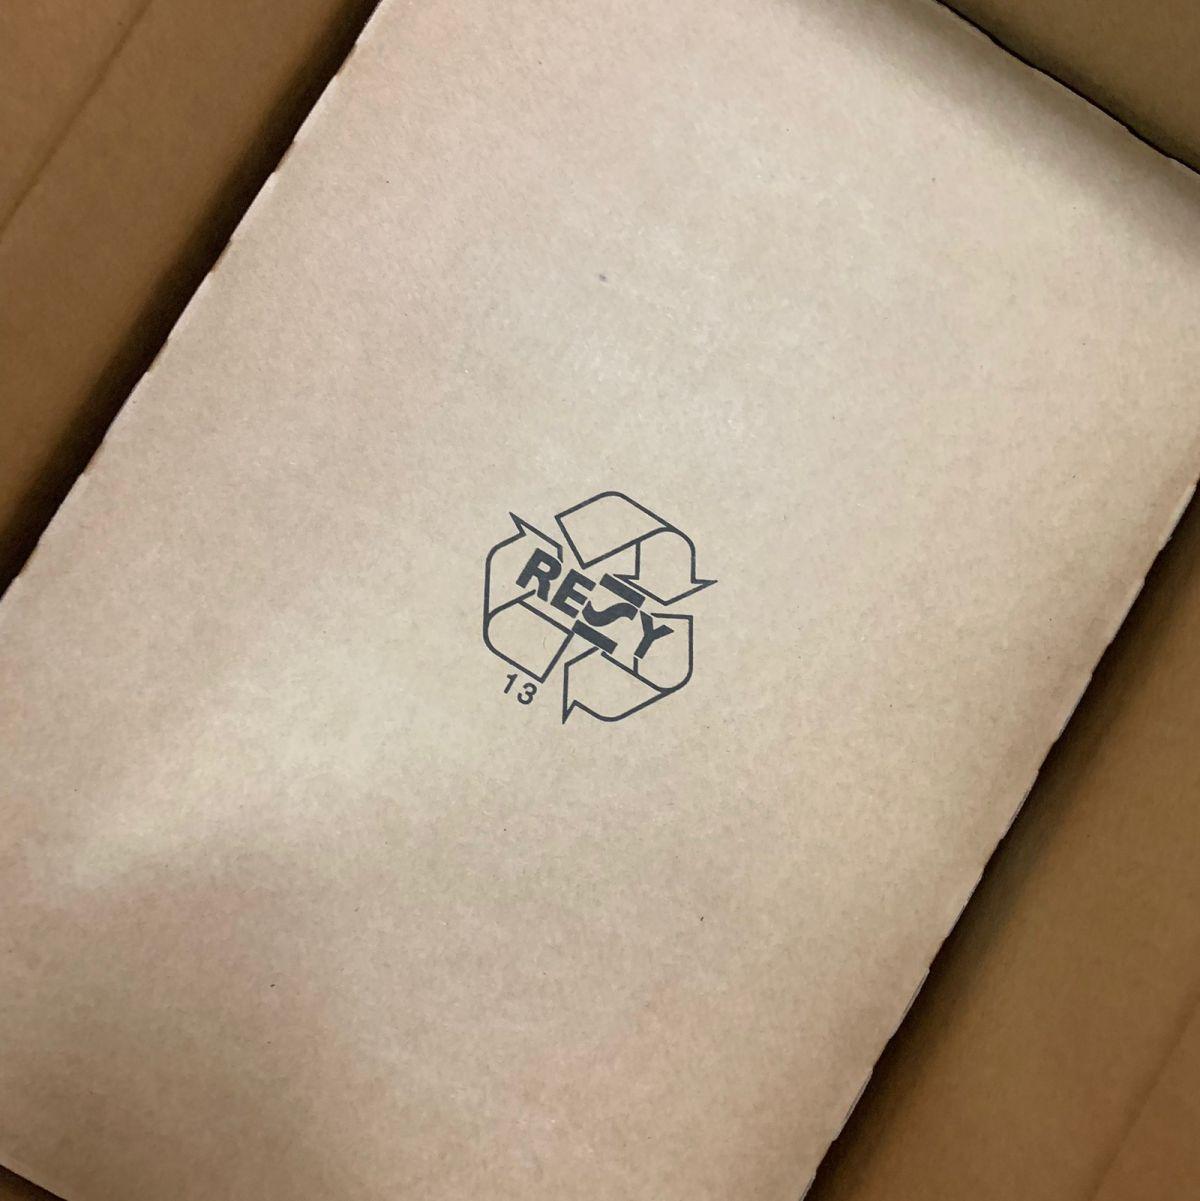 #windeln购物惊喜开箱#   纪念自己第一次为宝宝海淘